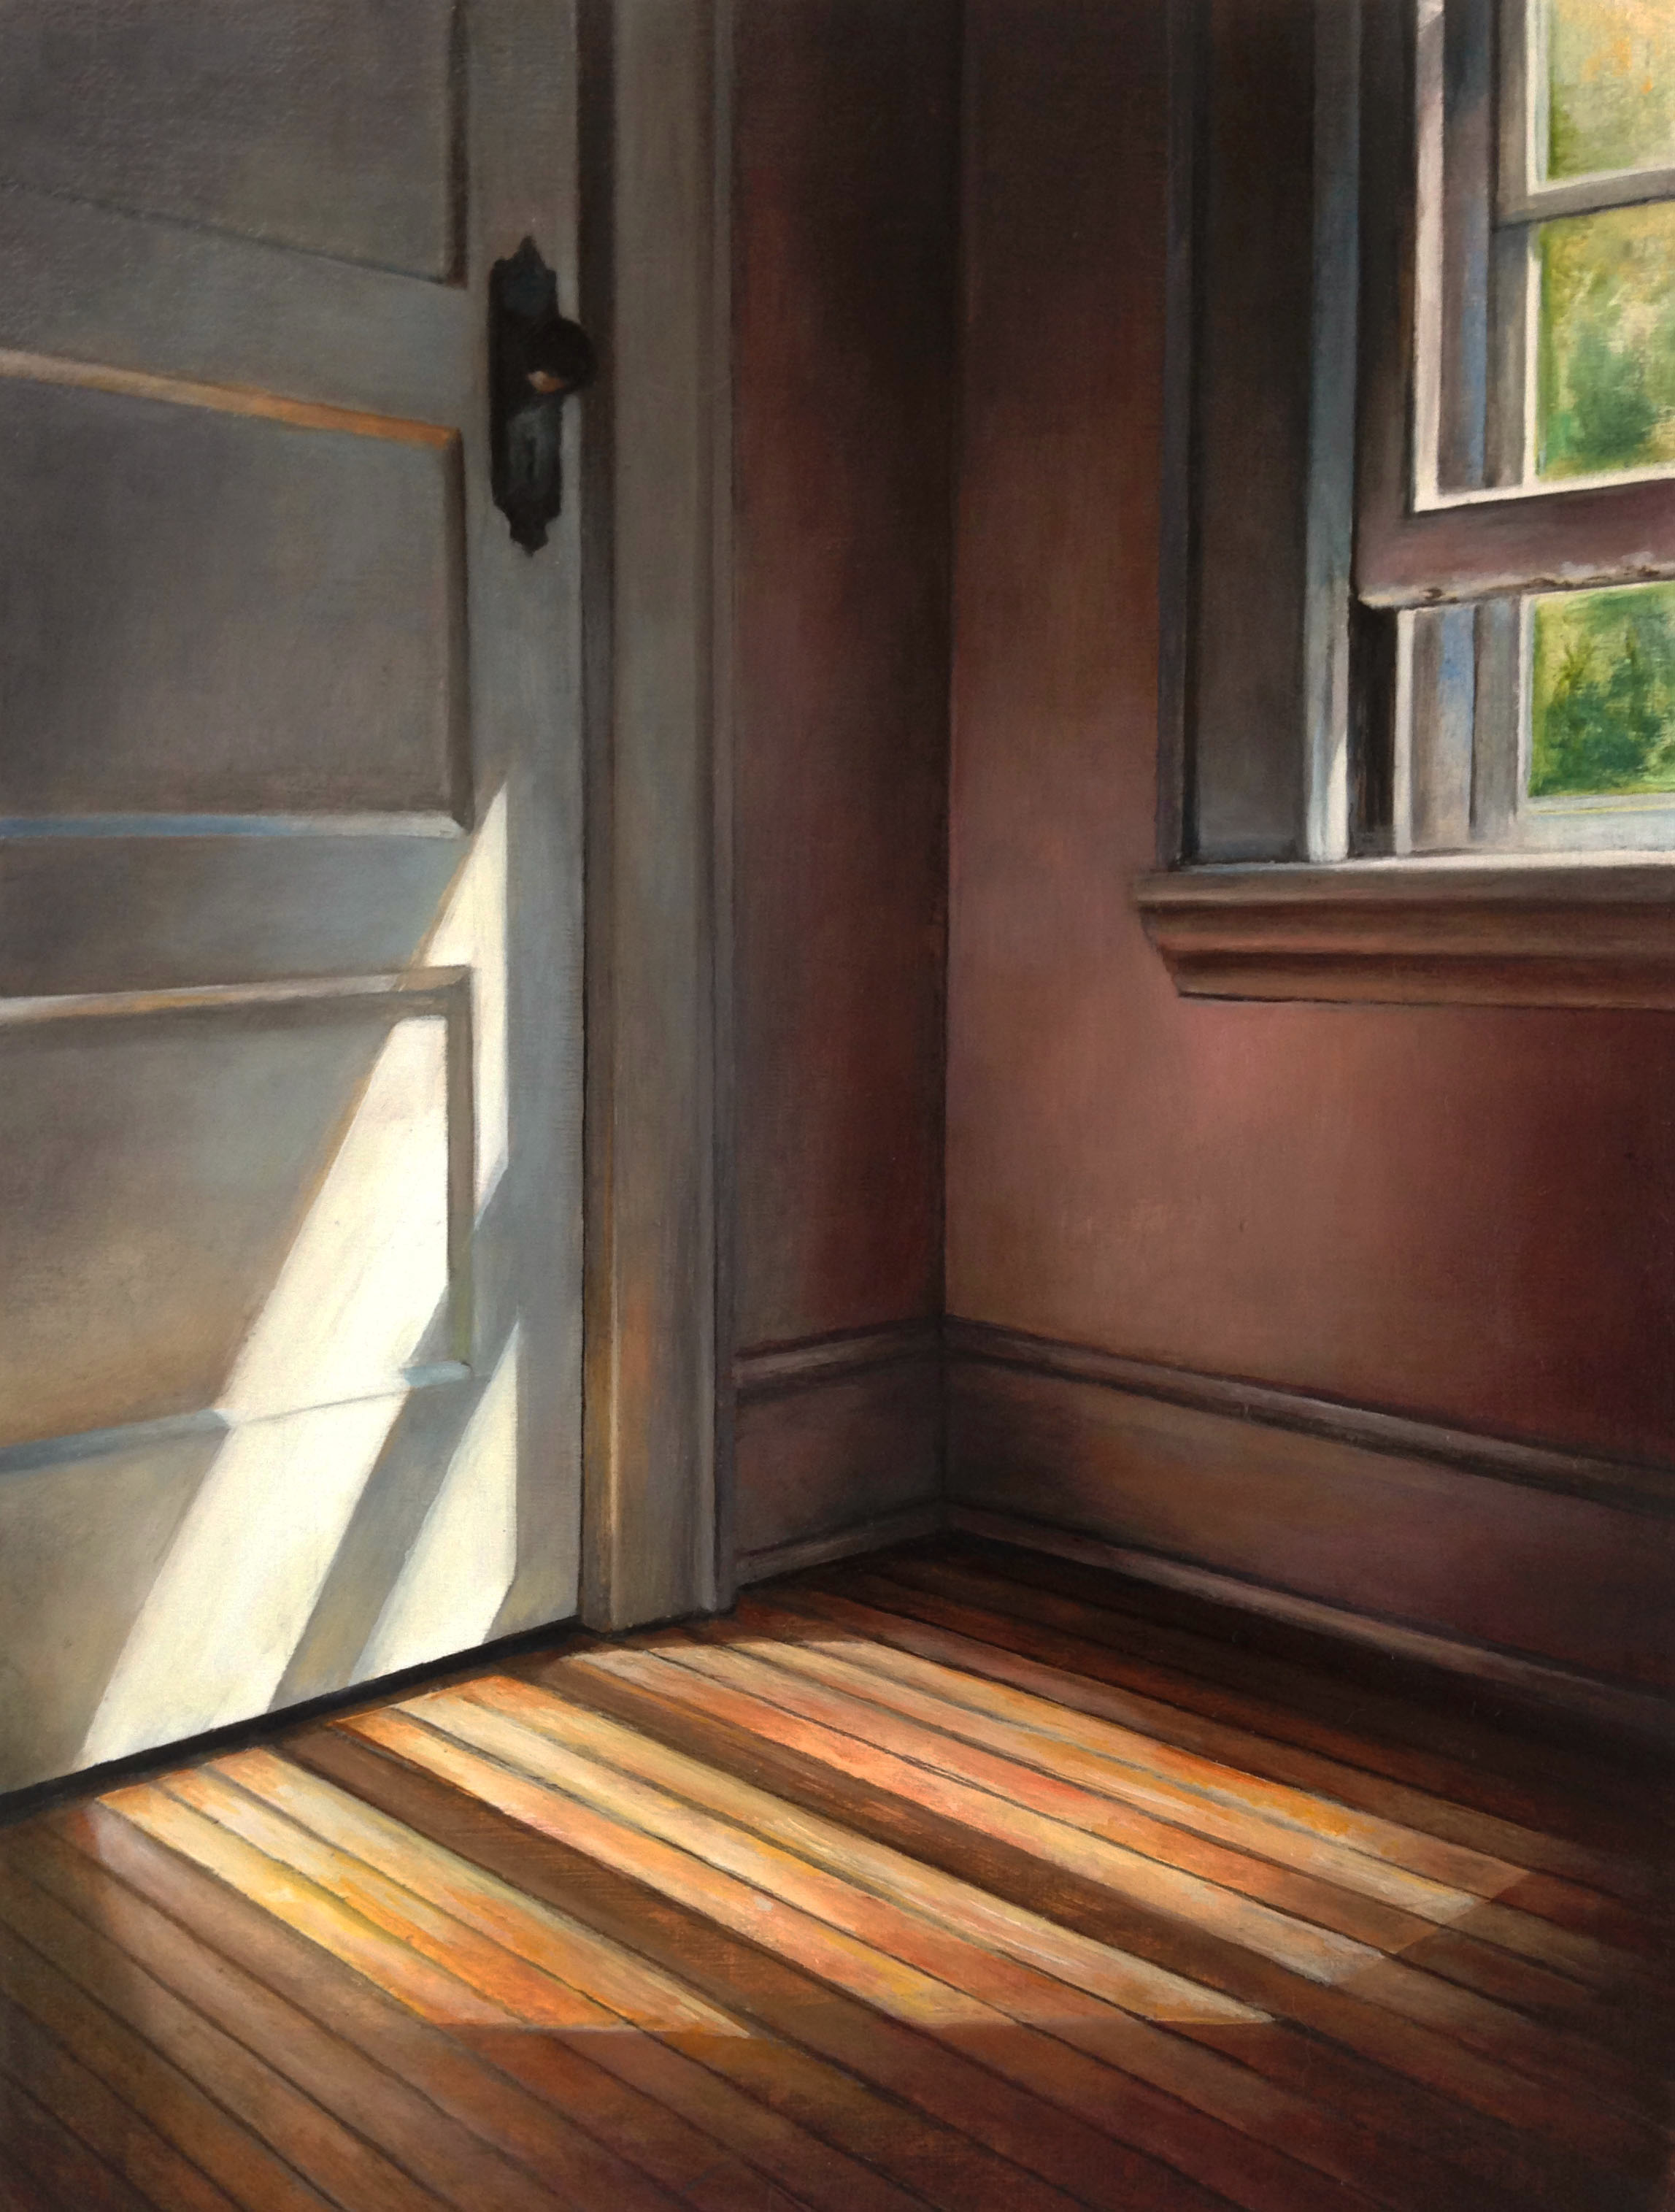 Corner Light   2017  Oil on linen  12 x 9 inches